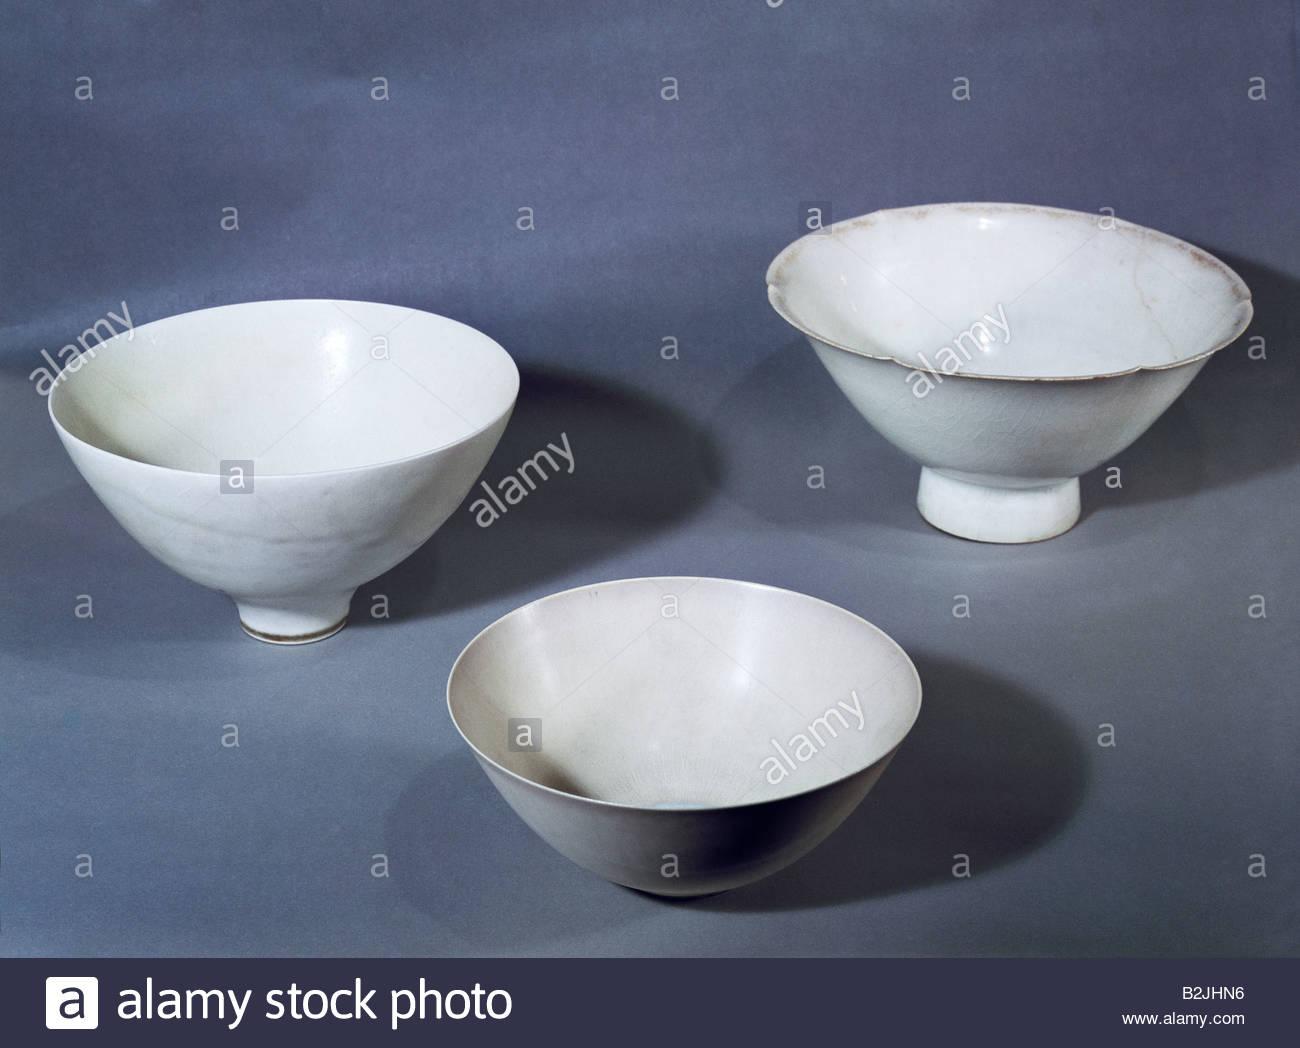 fine arts, porcelain, vessels, bowls, left: bowl by Stig Lindberg, diameter 13.6 cm, Gustavsberg, Stockholm, Sweden, - Stock Image